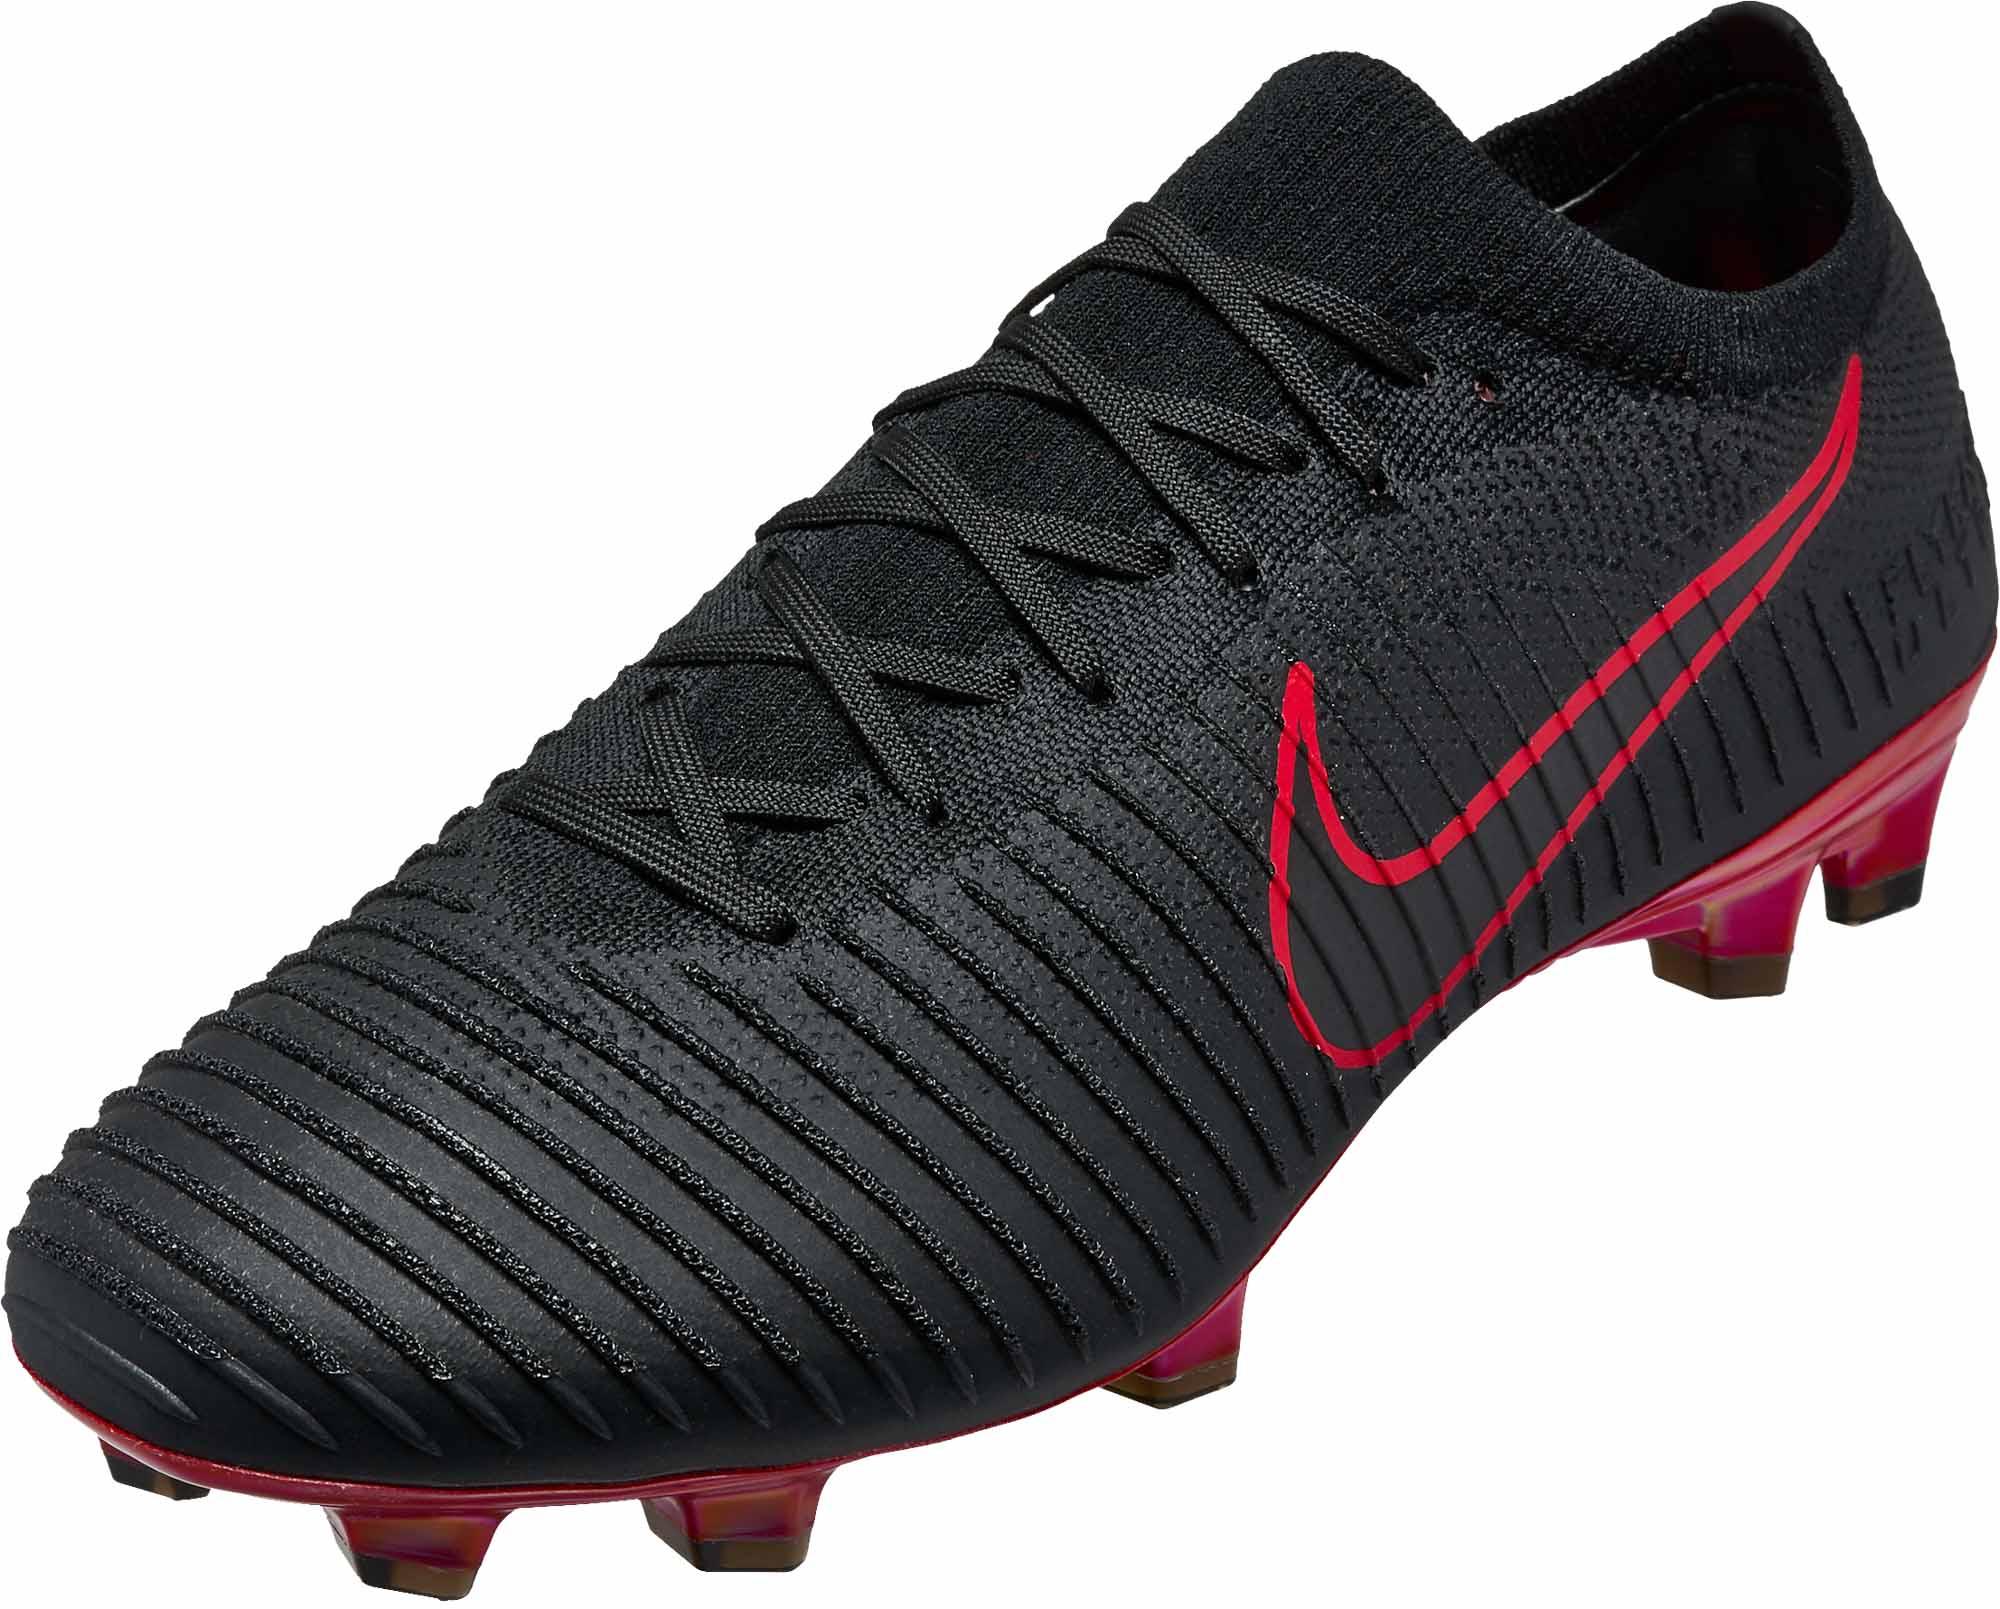 Nike Flyknit Ultra FG - Black